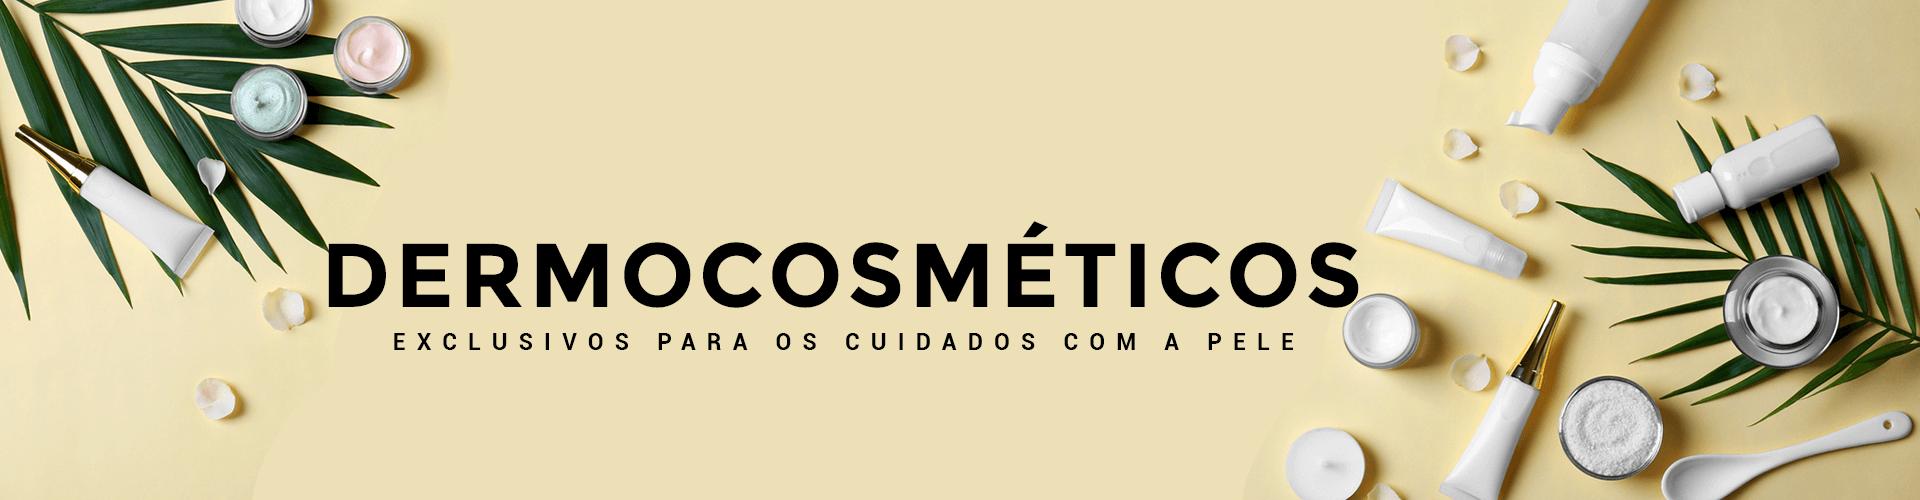 banner-vitrine-dermocosmeticos